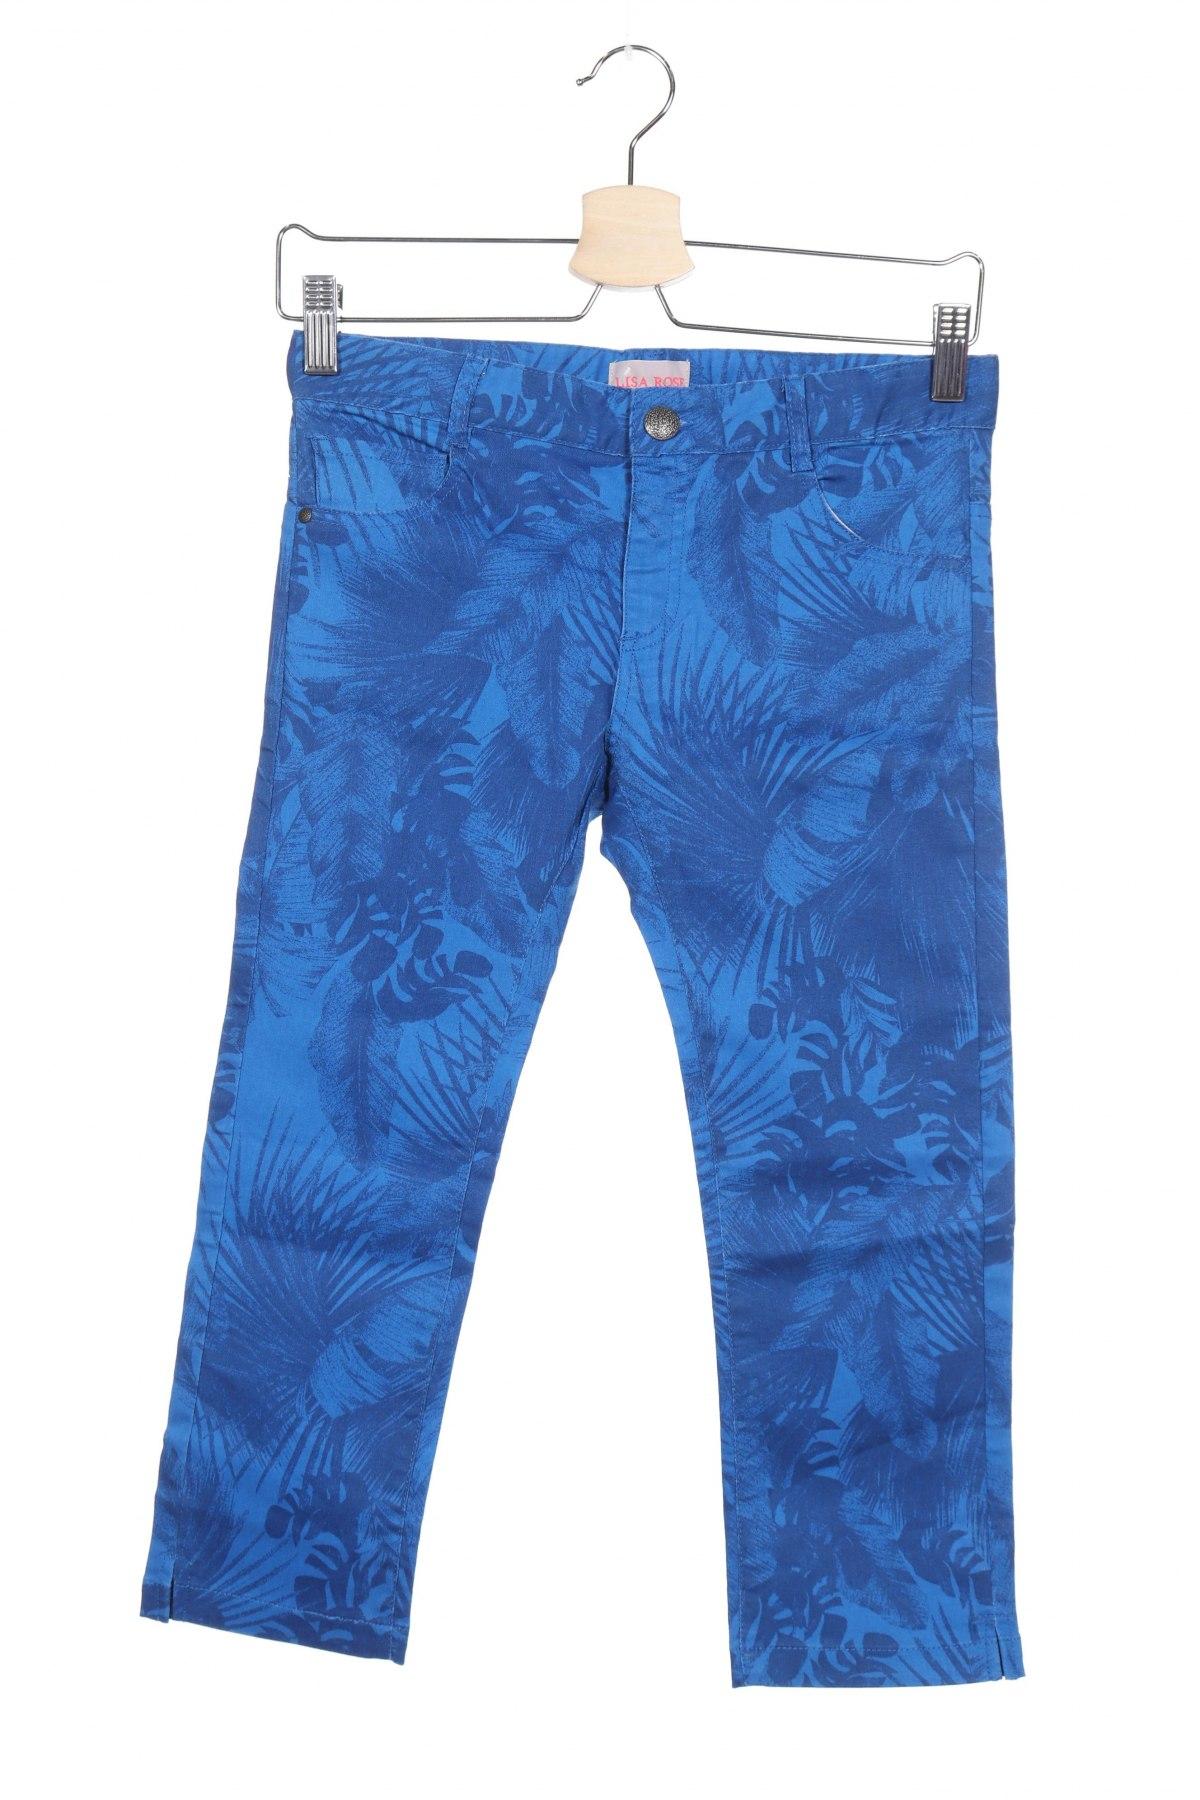 Παιδικό παντελόνι Lila Rose, Μέγεθος 12-13y/ 158-164 εκ., Χρώμα Μπλέ, 59% βαμβάκι, 38% πολυεστέρας, 3% ελαστάνη, Τιμή 5,34€